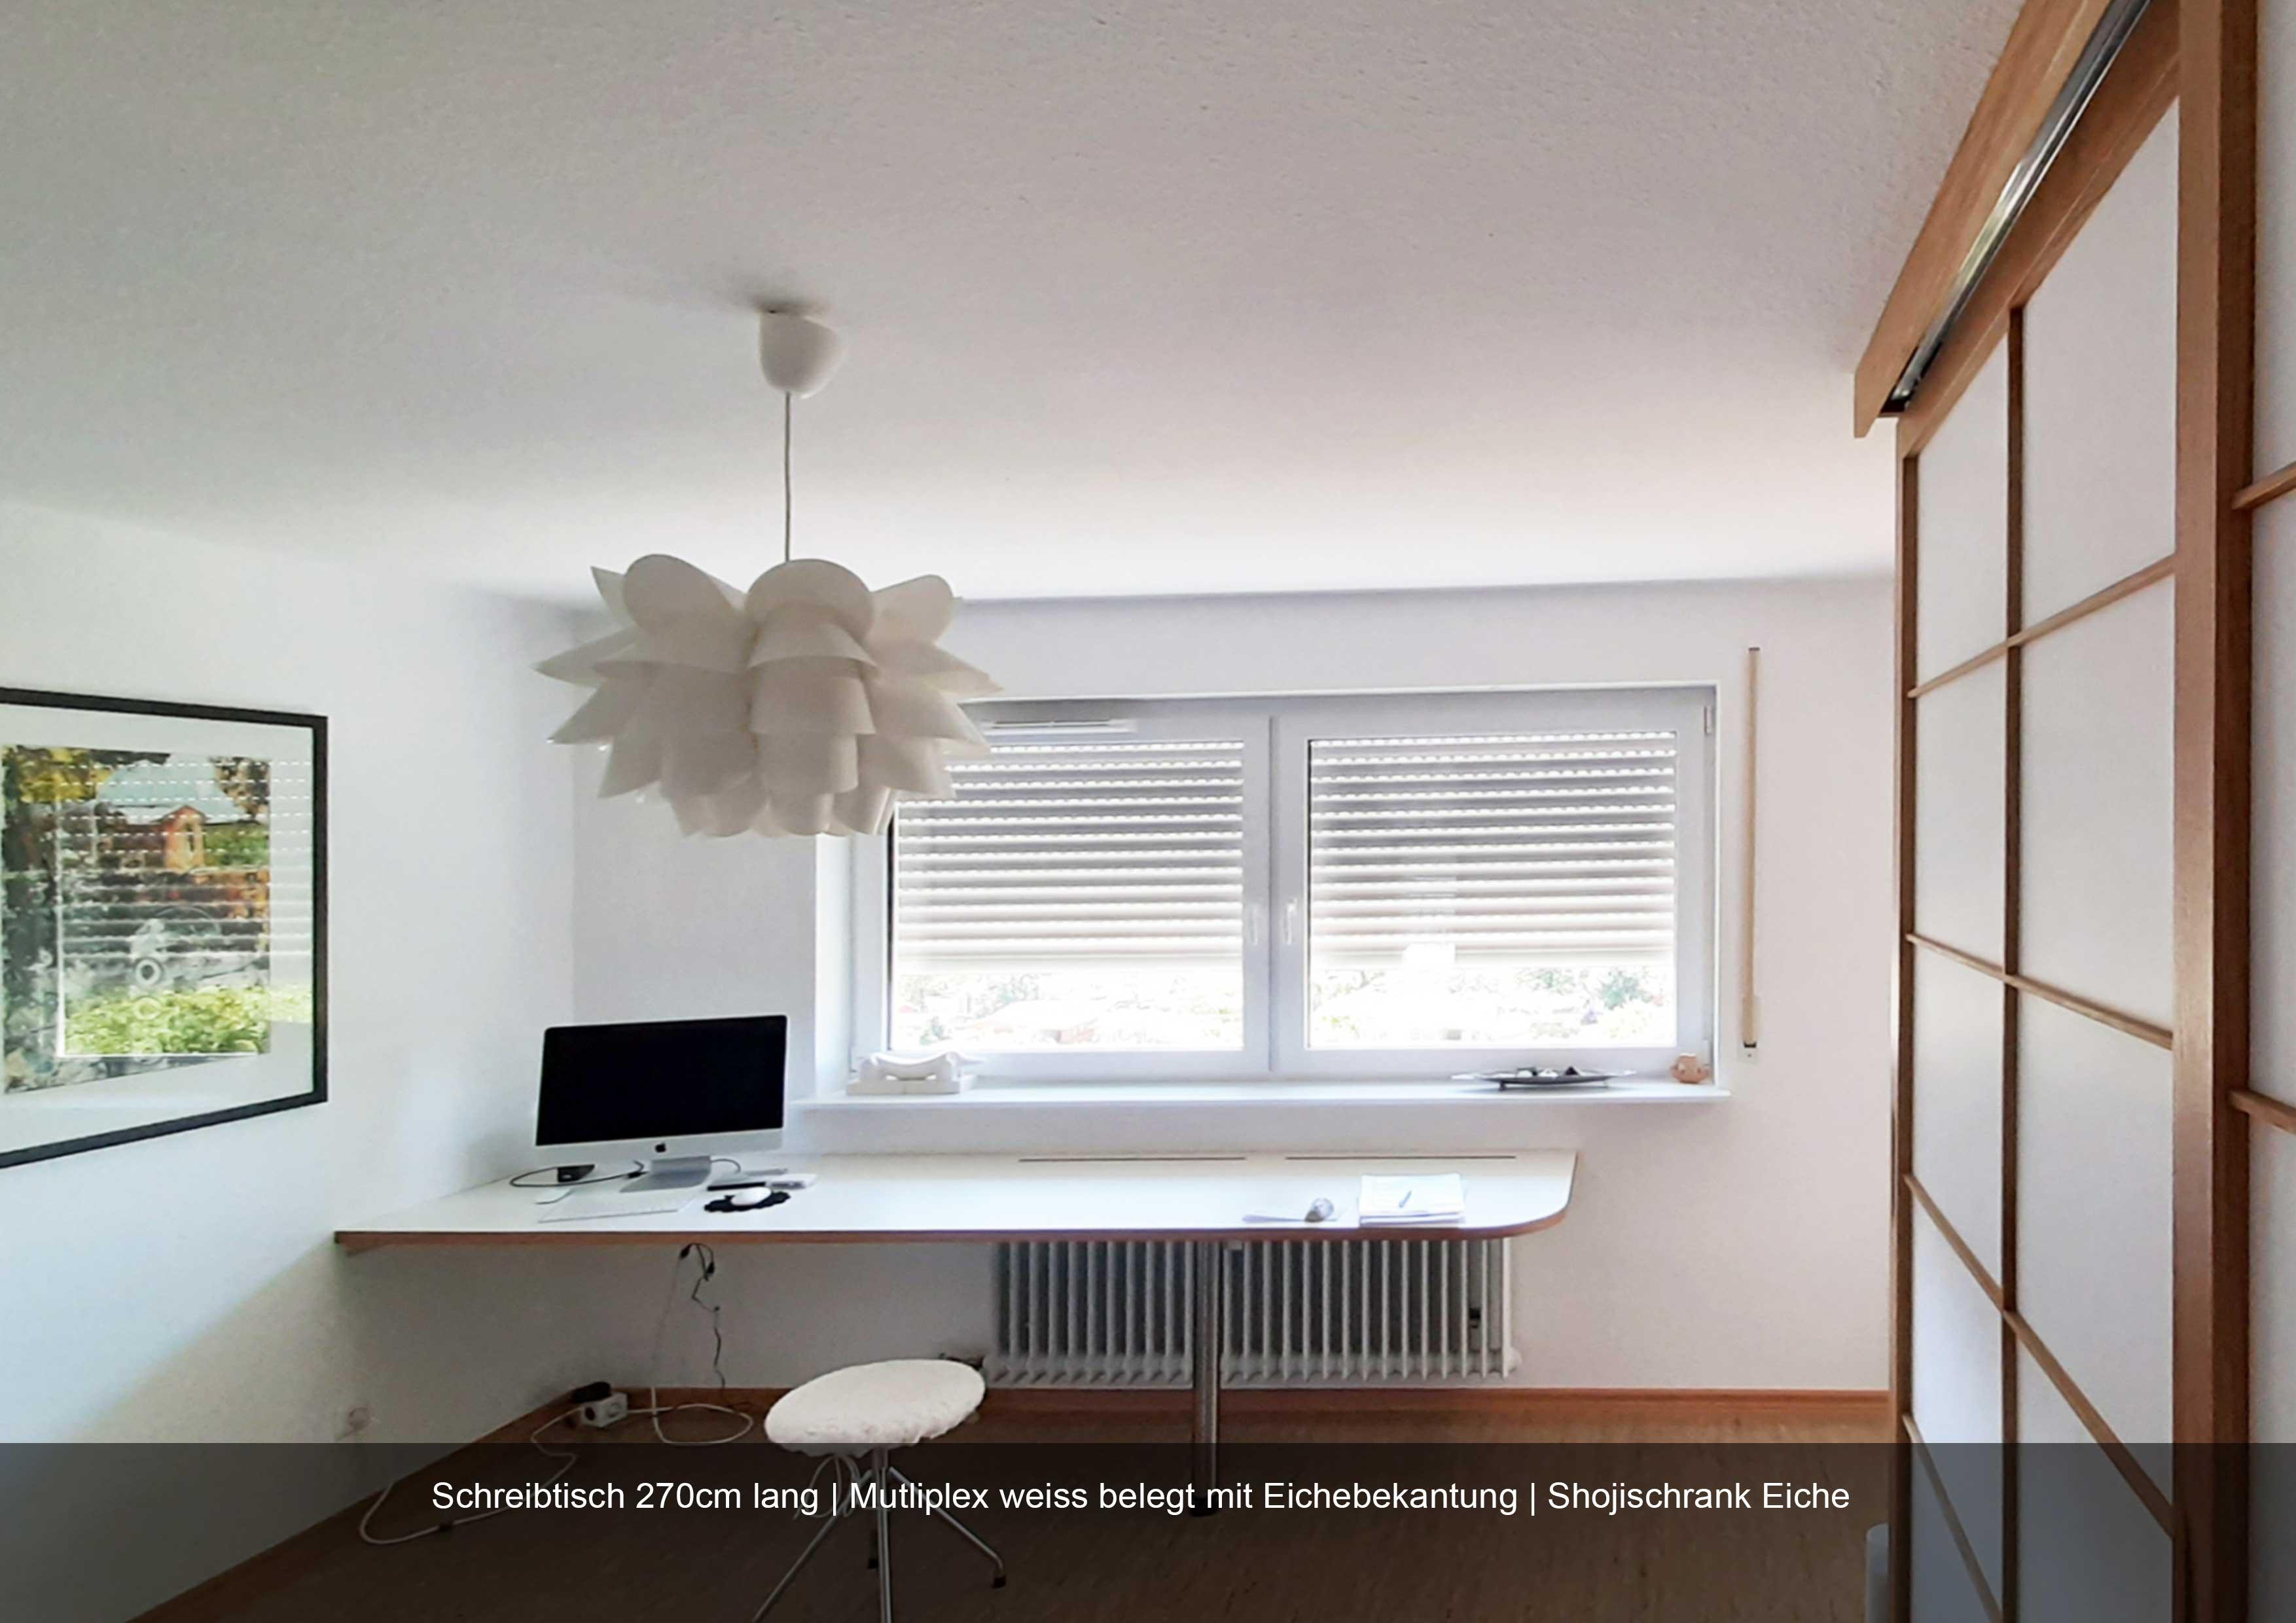 Schreibtisch in Birke Multiplex weiss